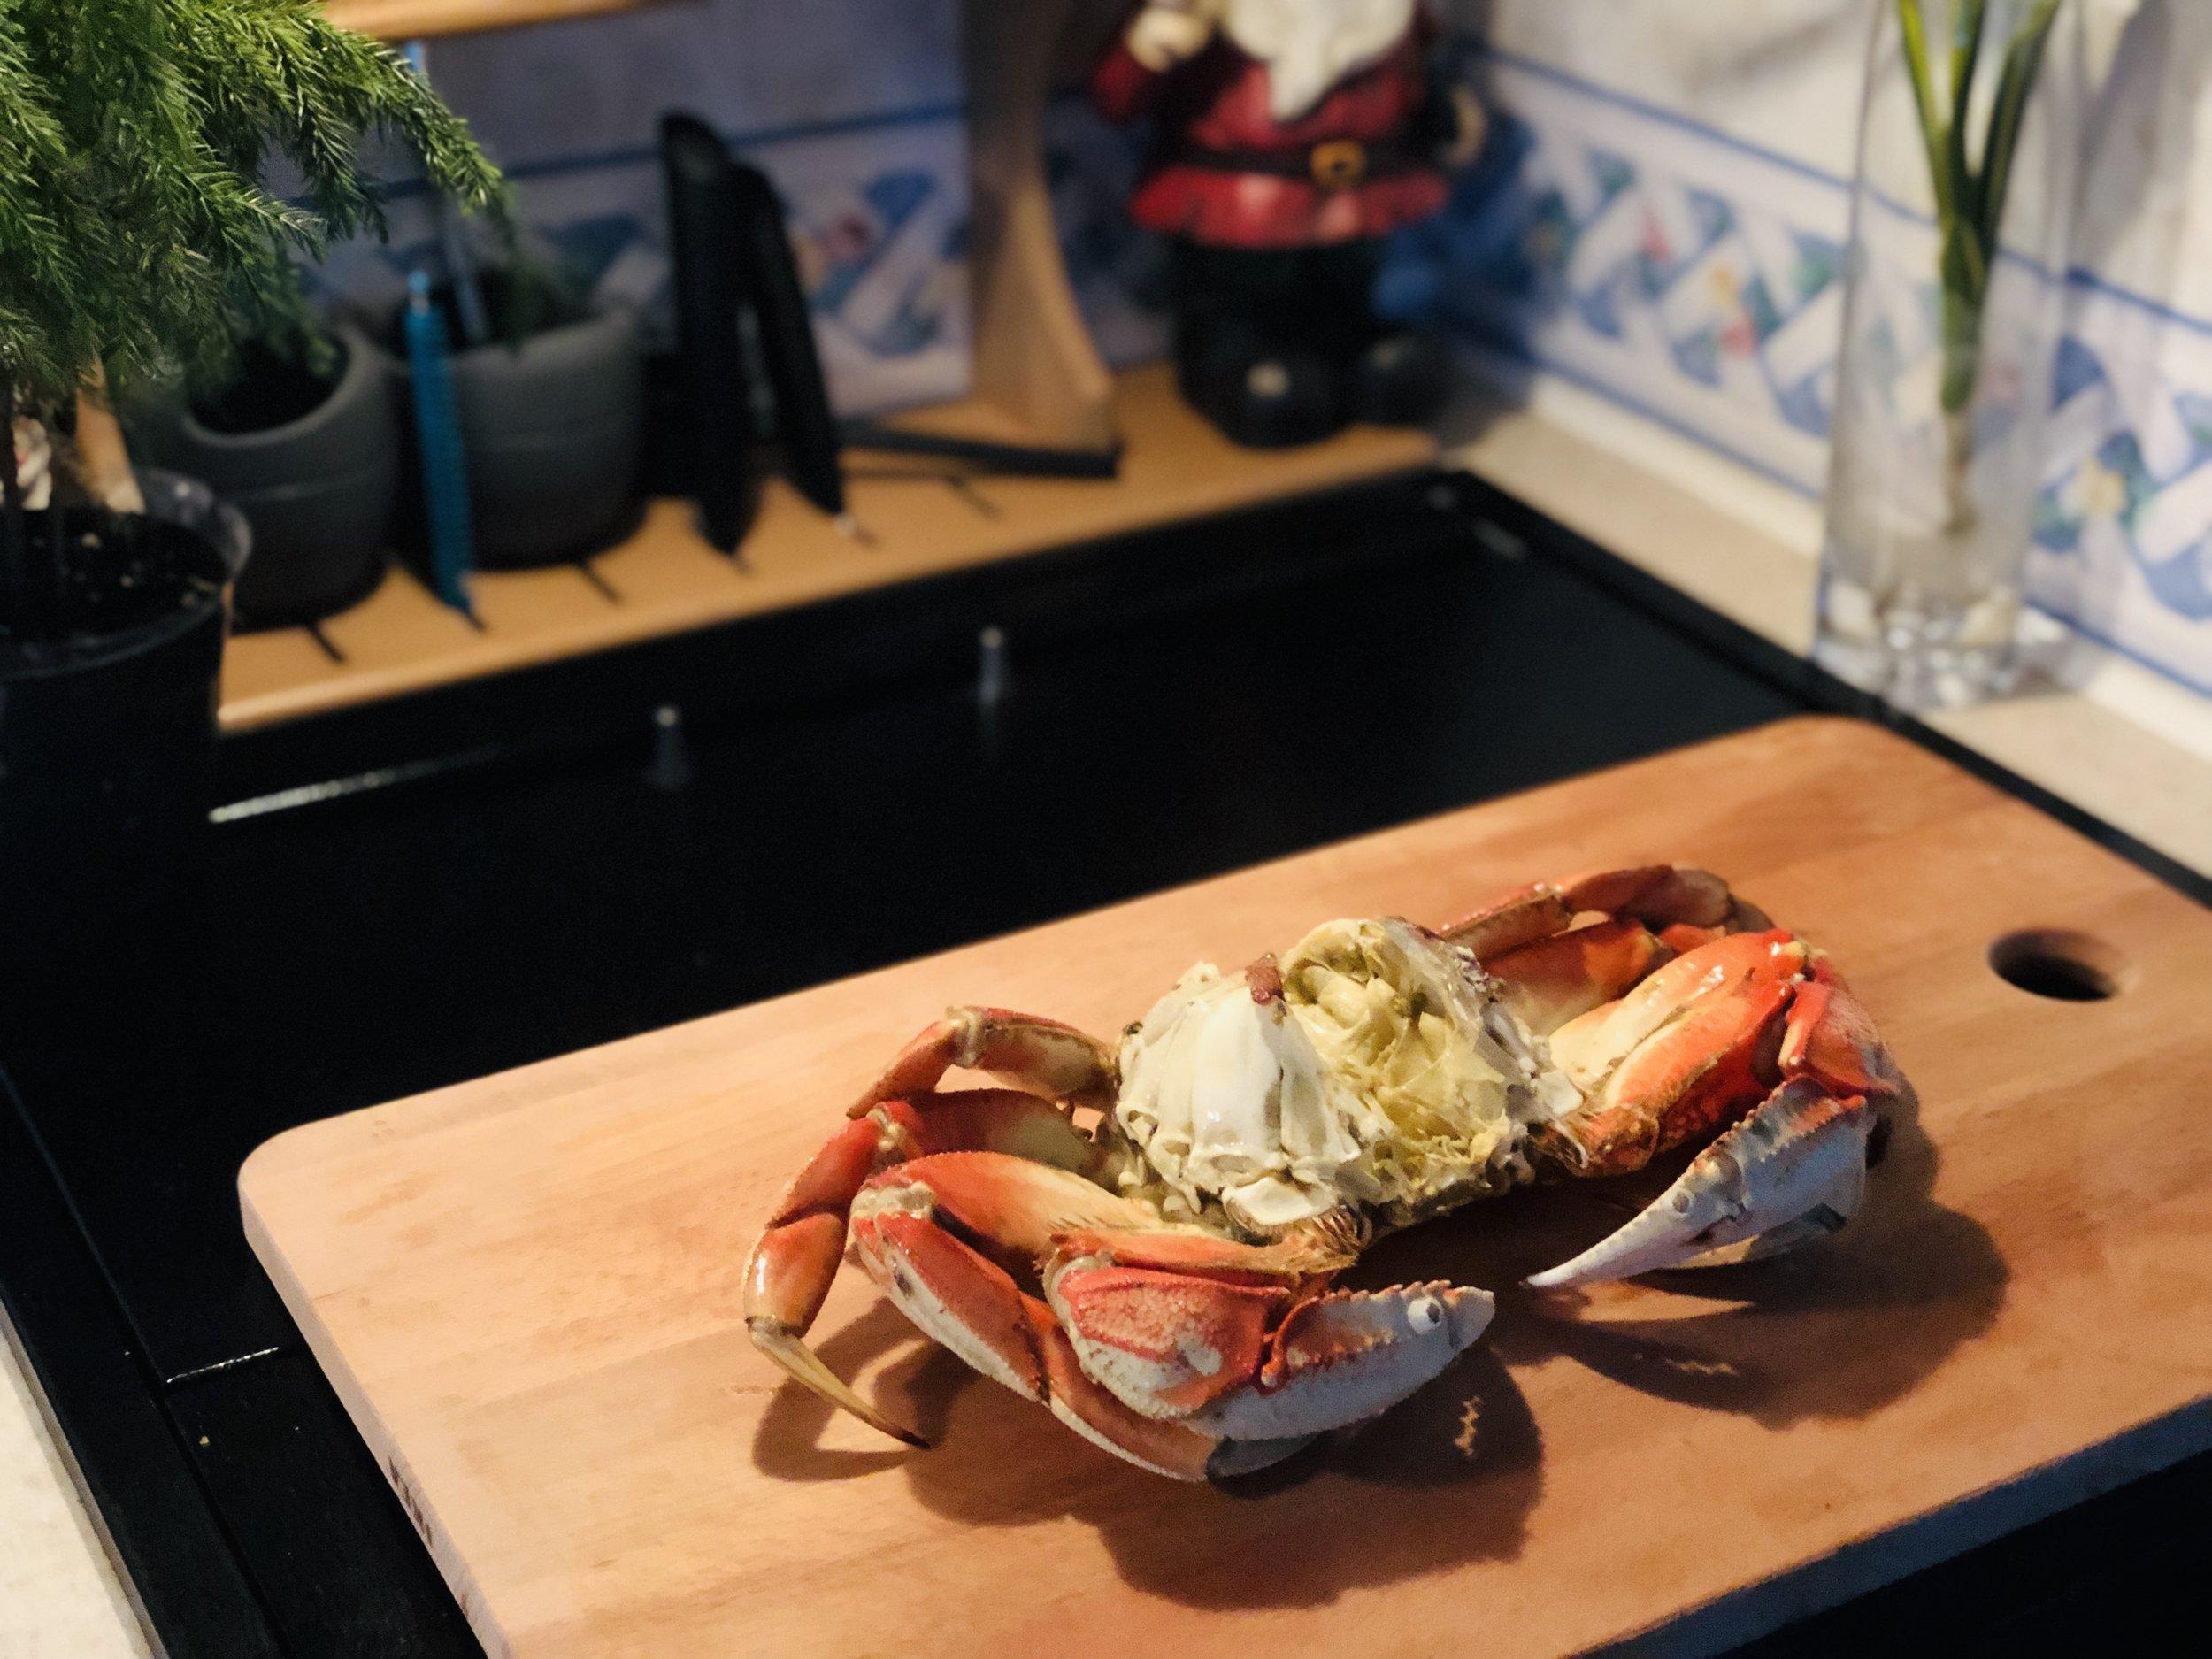 Fresh Crab Legs for Dinner